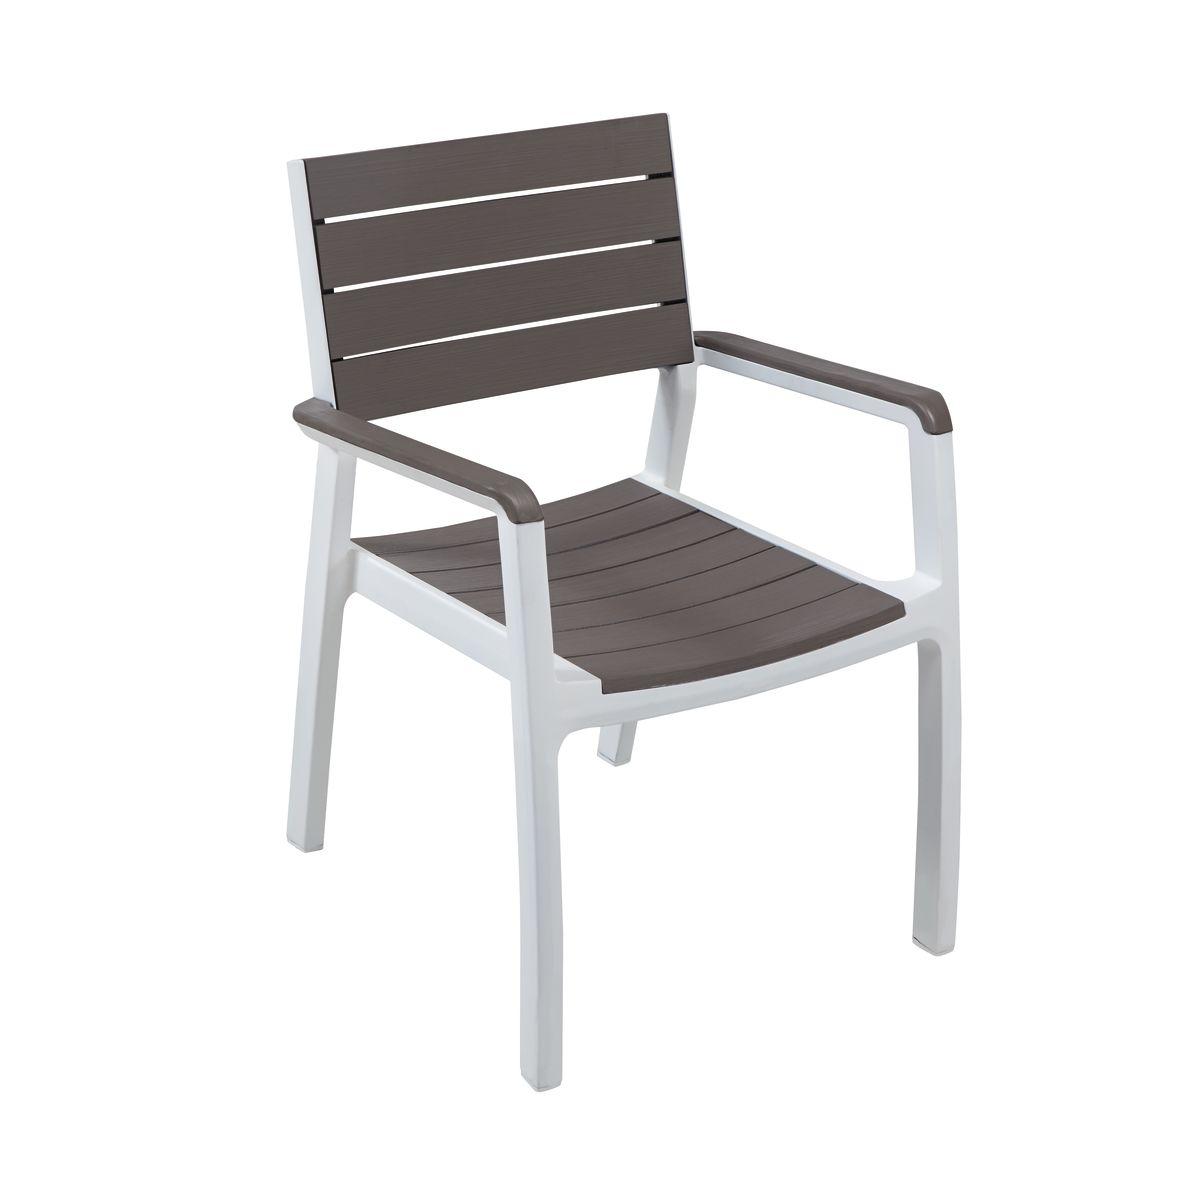 Cool cuscini per esterno leroy merlin cg85 pineglen for Leroy merlin sedie esterno